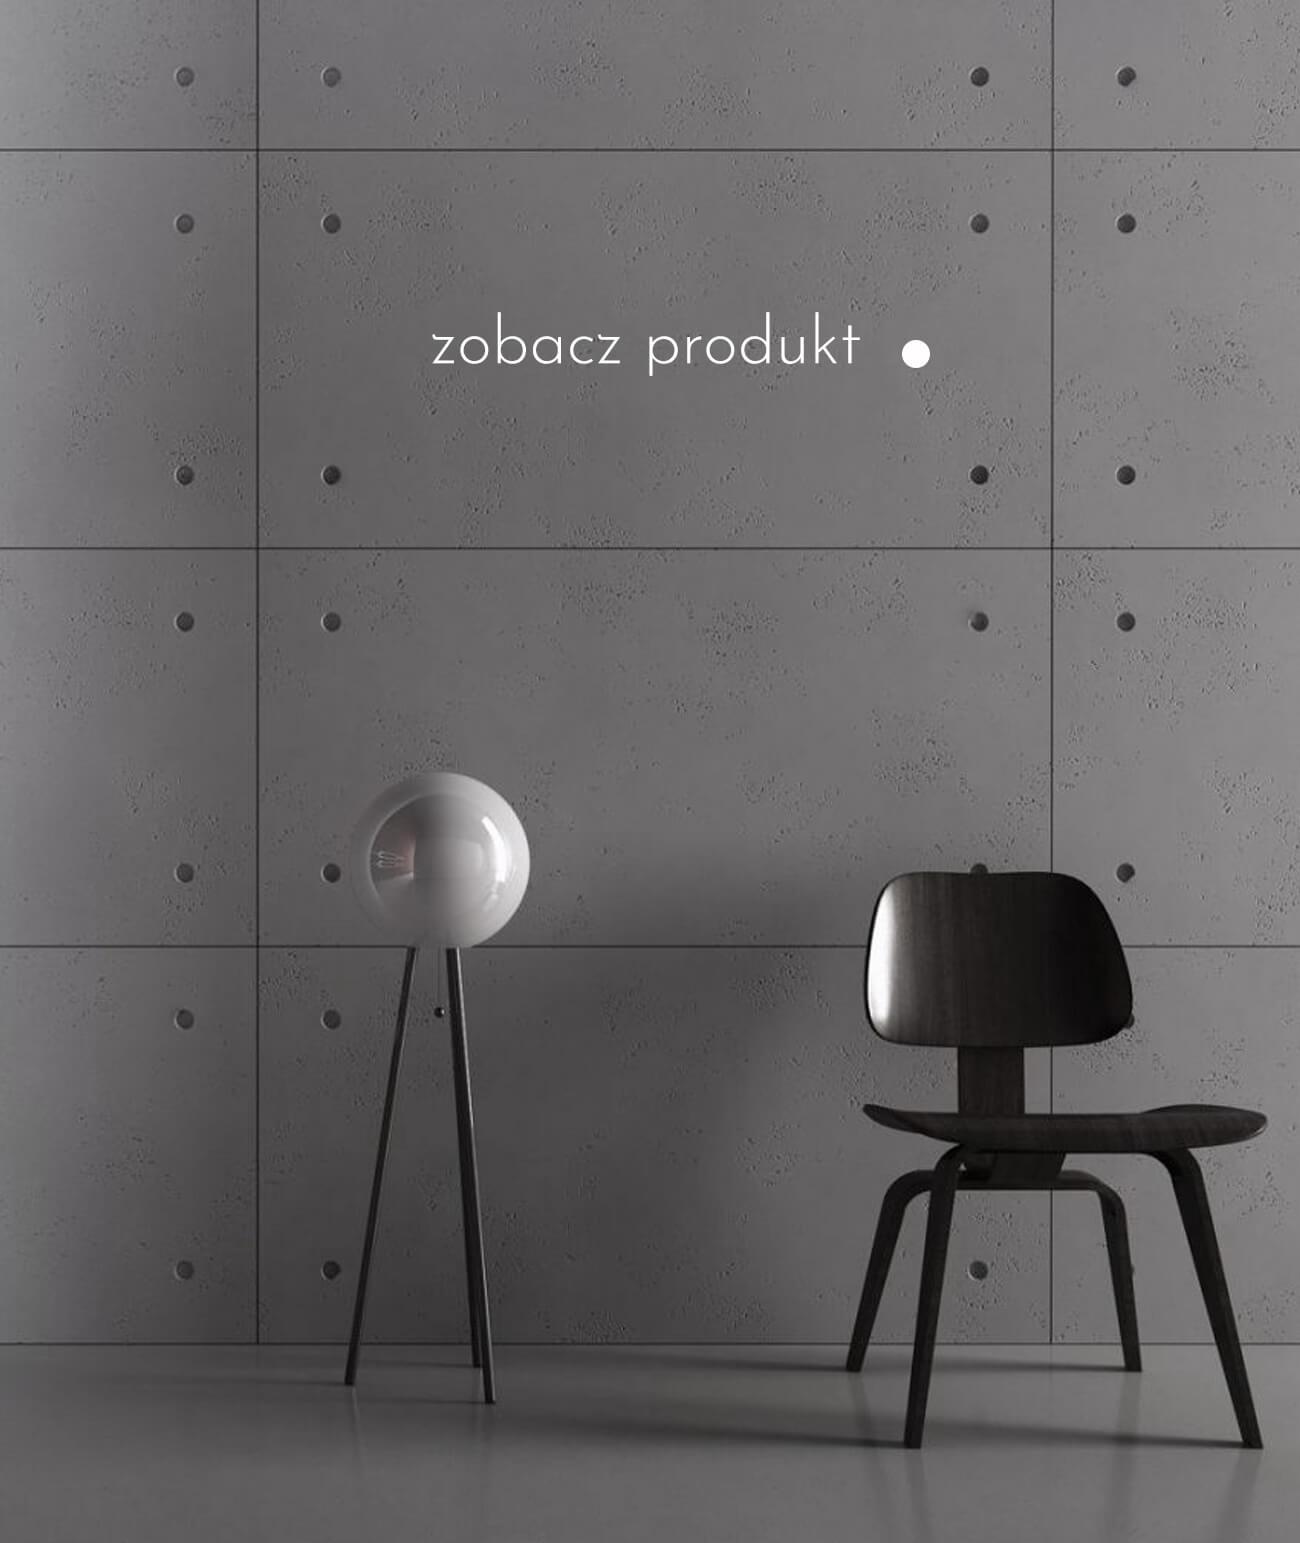 panele-betonowe-3d-scienne-i-elewacyjne-beton-architektoniczny_921-20177-pb30-s96-ciemny-szary-standard---panel-dekor-3d-beton-architektoniczny-panel-scienny